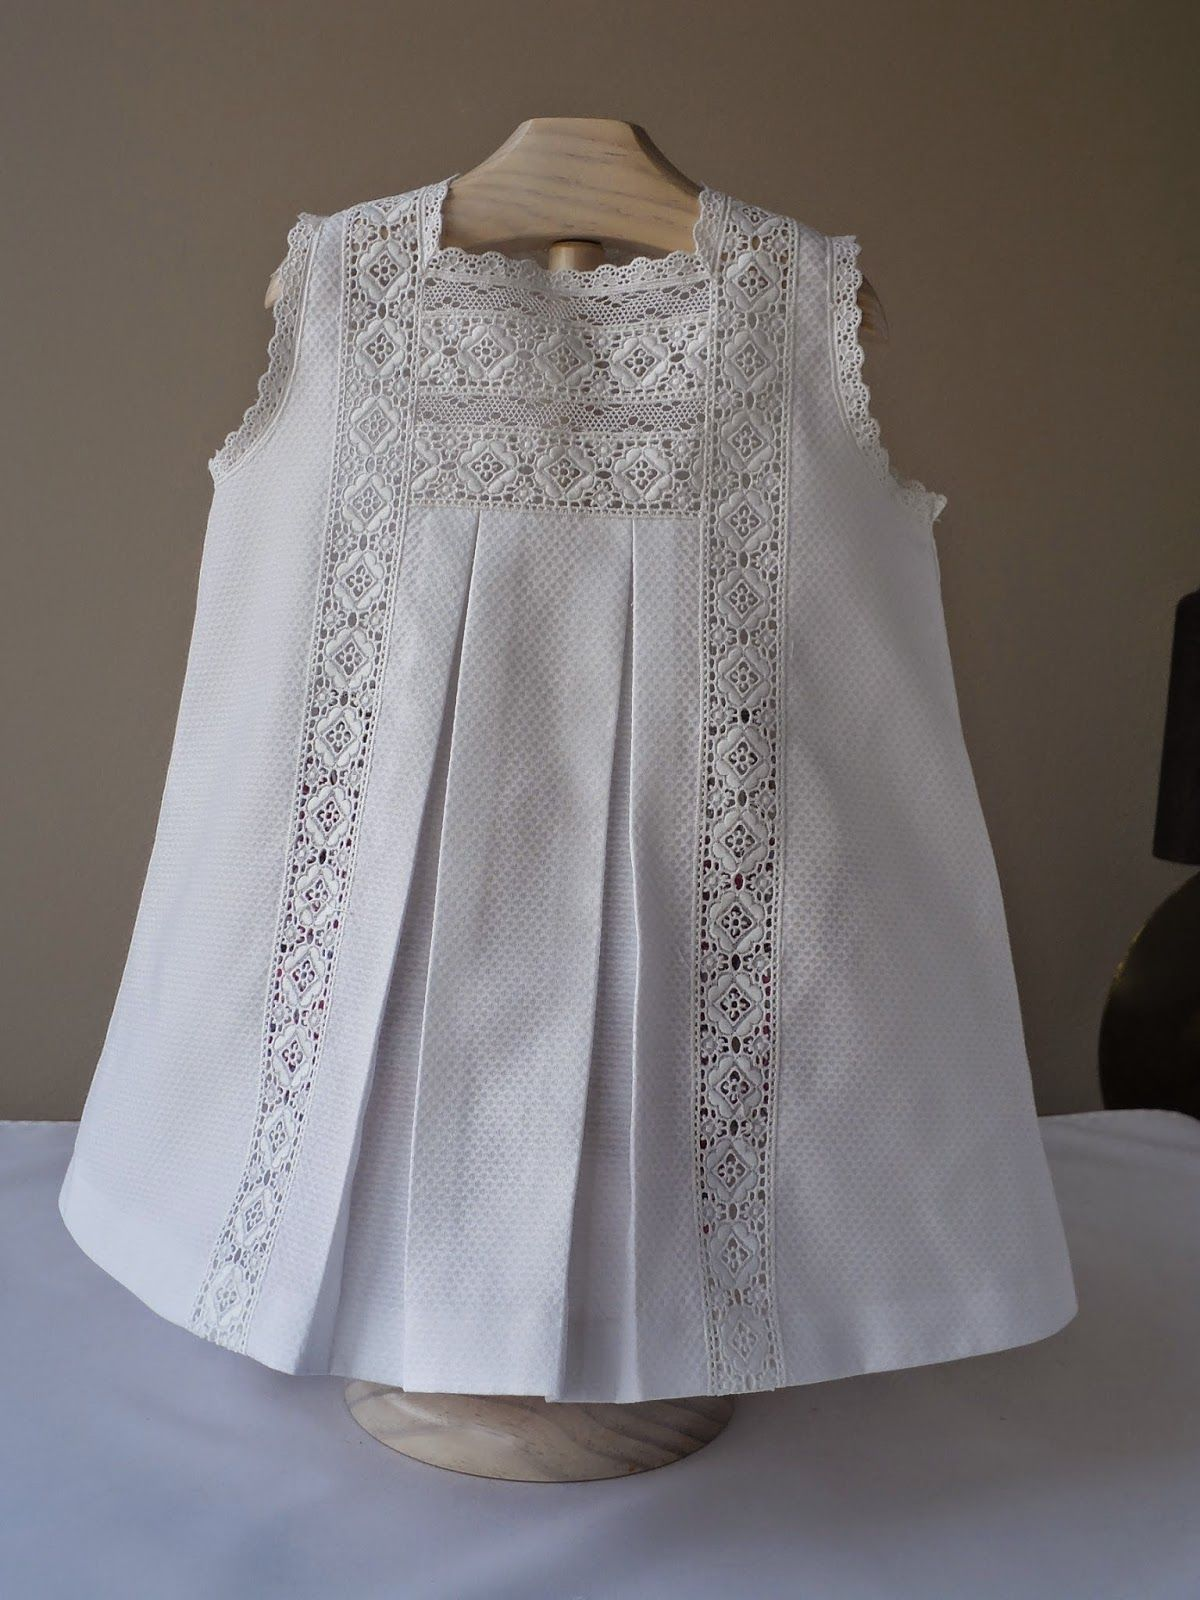 Tienda online ropa de bebe d24ab8f96606